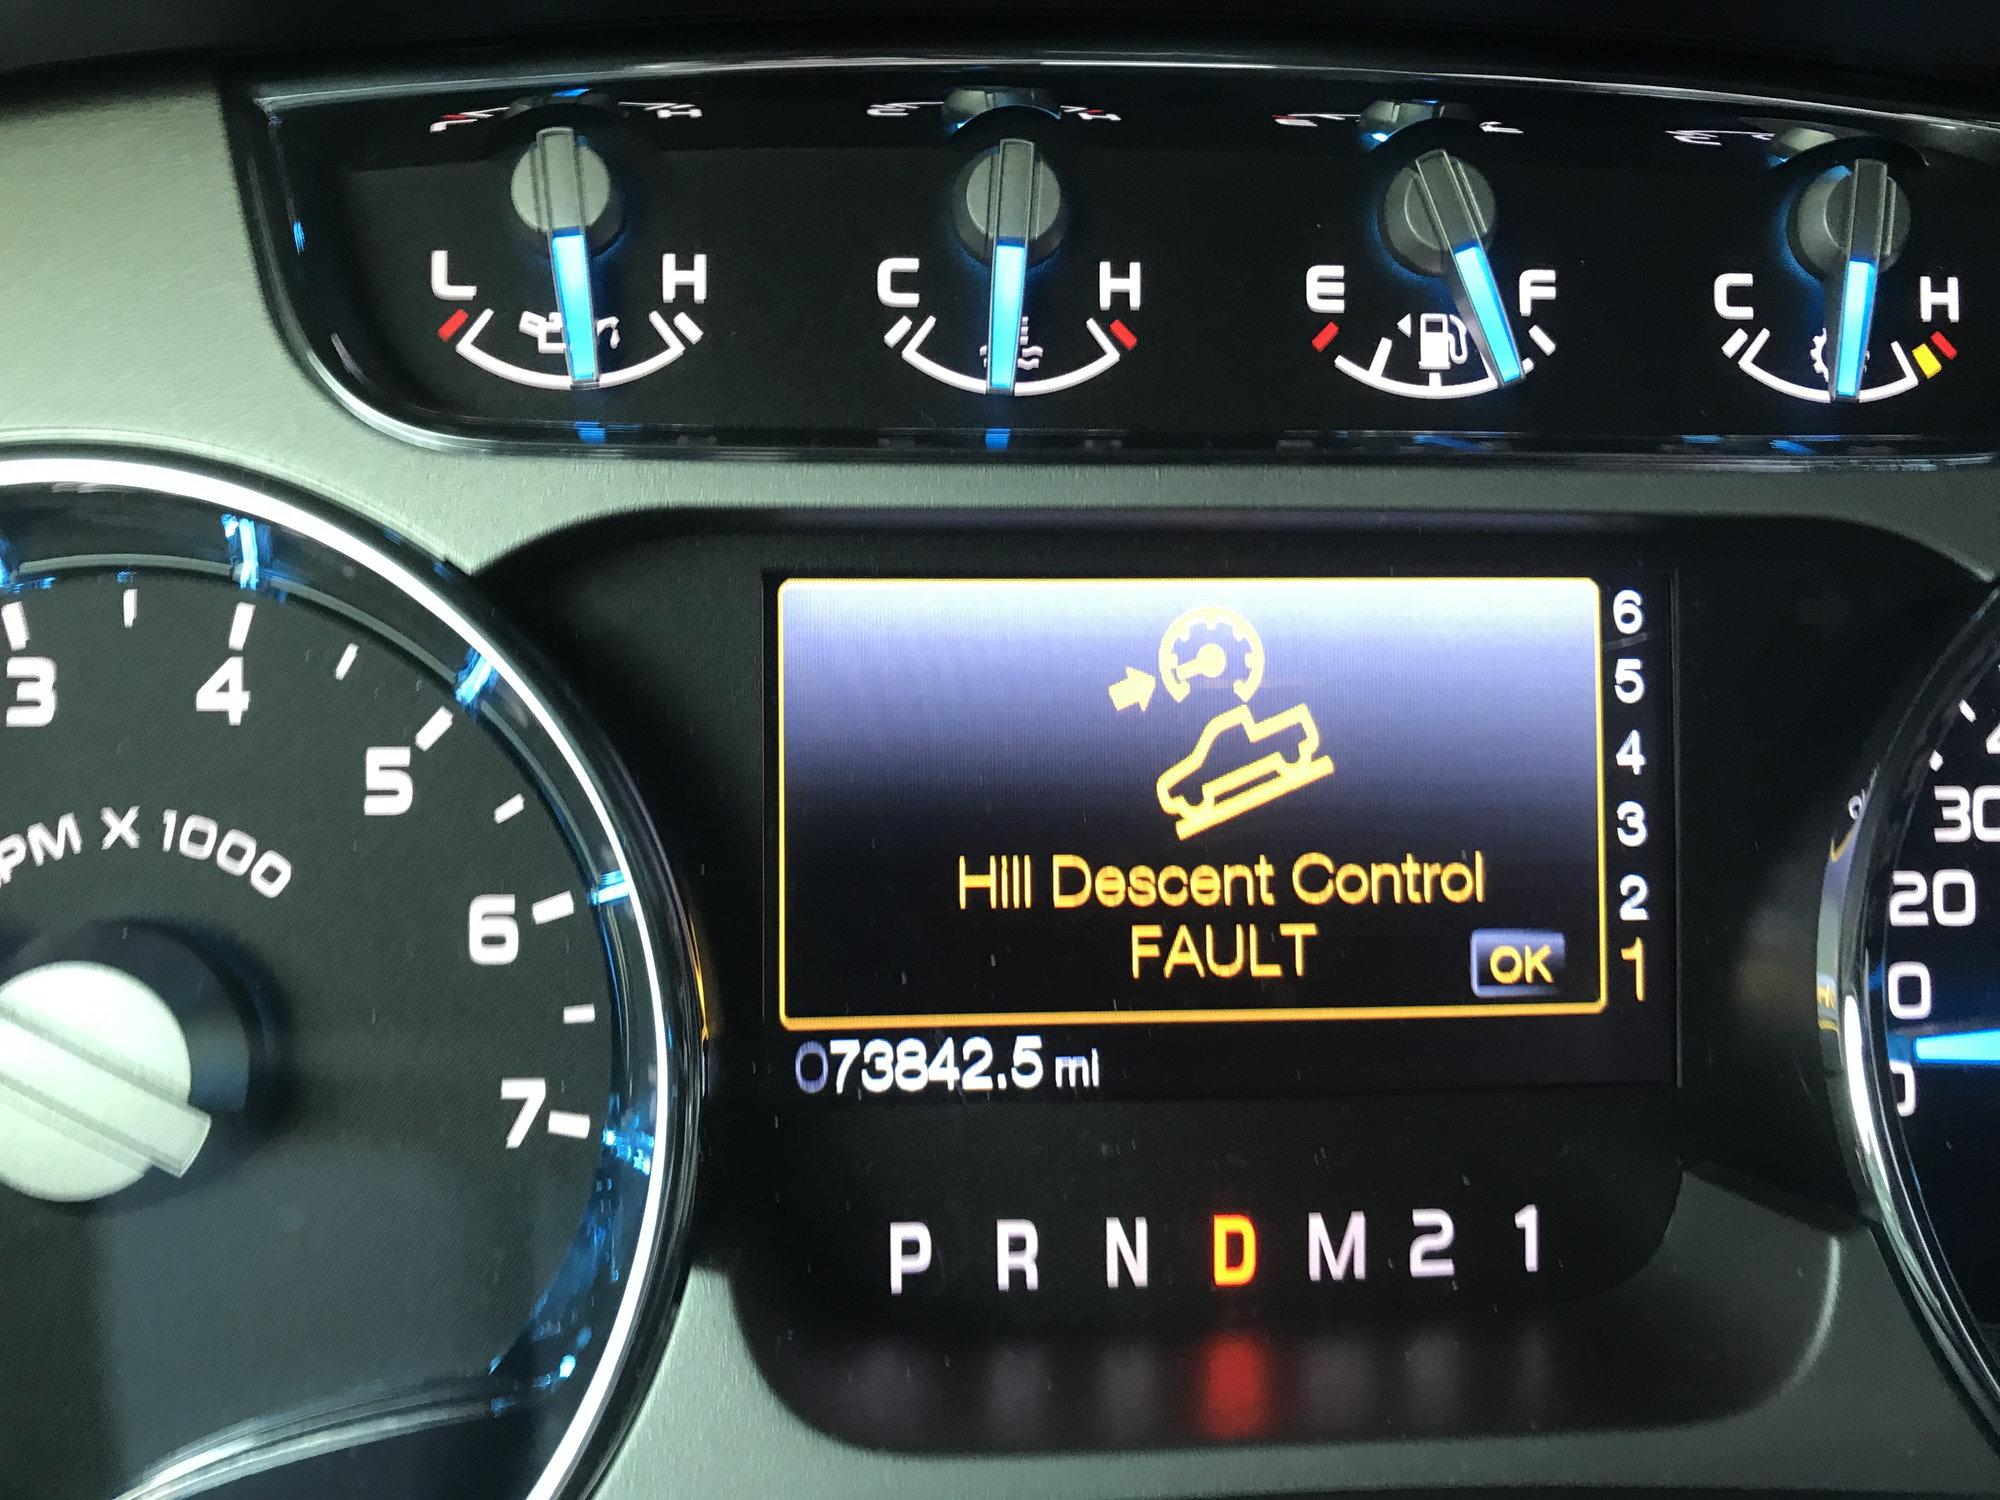 Hill descent control fault, service AdvanceTrac warning